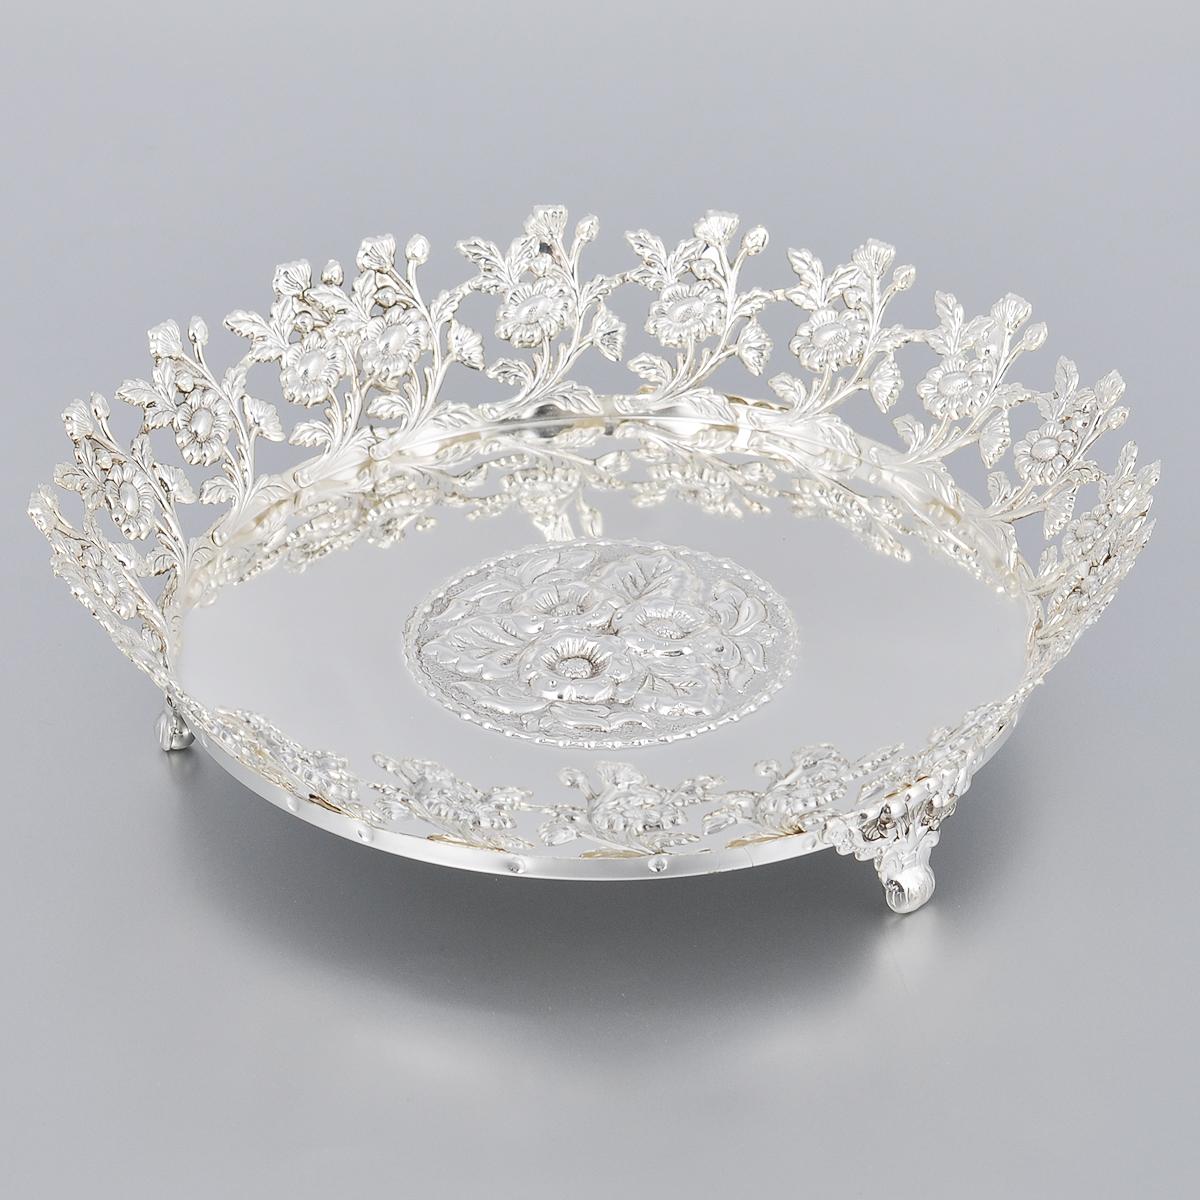 Ваза универсальная Marquis, диаметр 21,5 см2178-MRУниверсальная ваза Marquis выполнена из стали с никель-серебряным покрытием и оформлена изящным рельефом и перфорацией. Ваза прекрасно подойдет для красивой сервировки конфет, фруктов, пирожных и много другого. Такая ваза придется по вкусу и ценителям классики, и тем, кто предпочитает утонченность и изысканность. Она украсит сервировку вашего стола и подчеркнет прекрасный вкус хозяина, а также станет отличным подарком.Диаметр (по верхнему краю): 21,5 см.Высота вазы: 5,5 см.